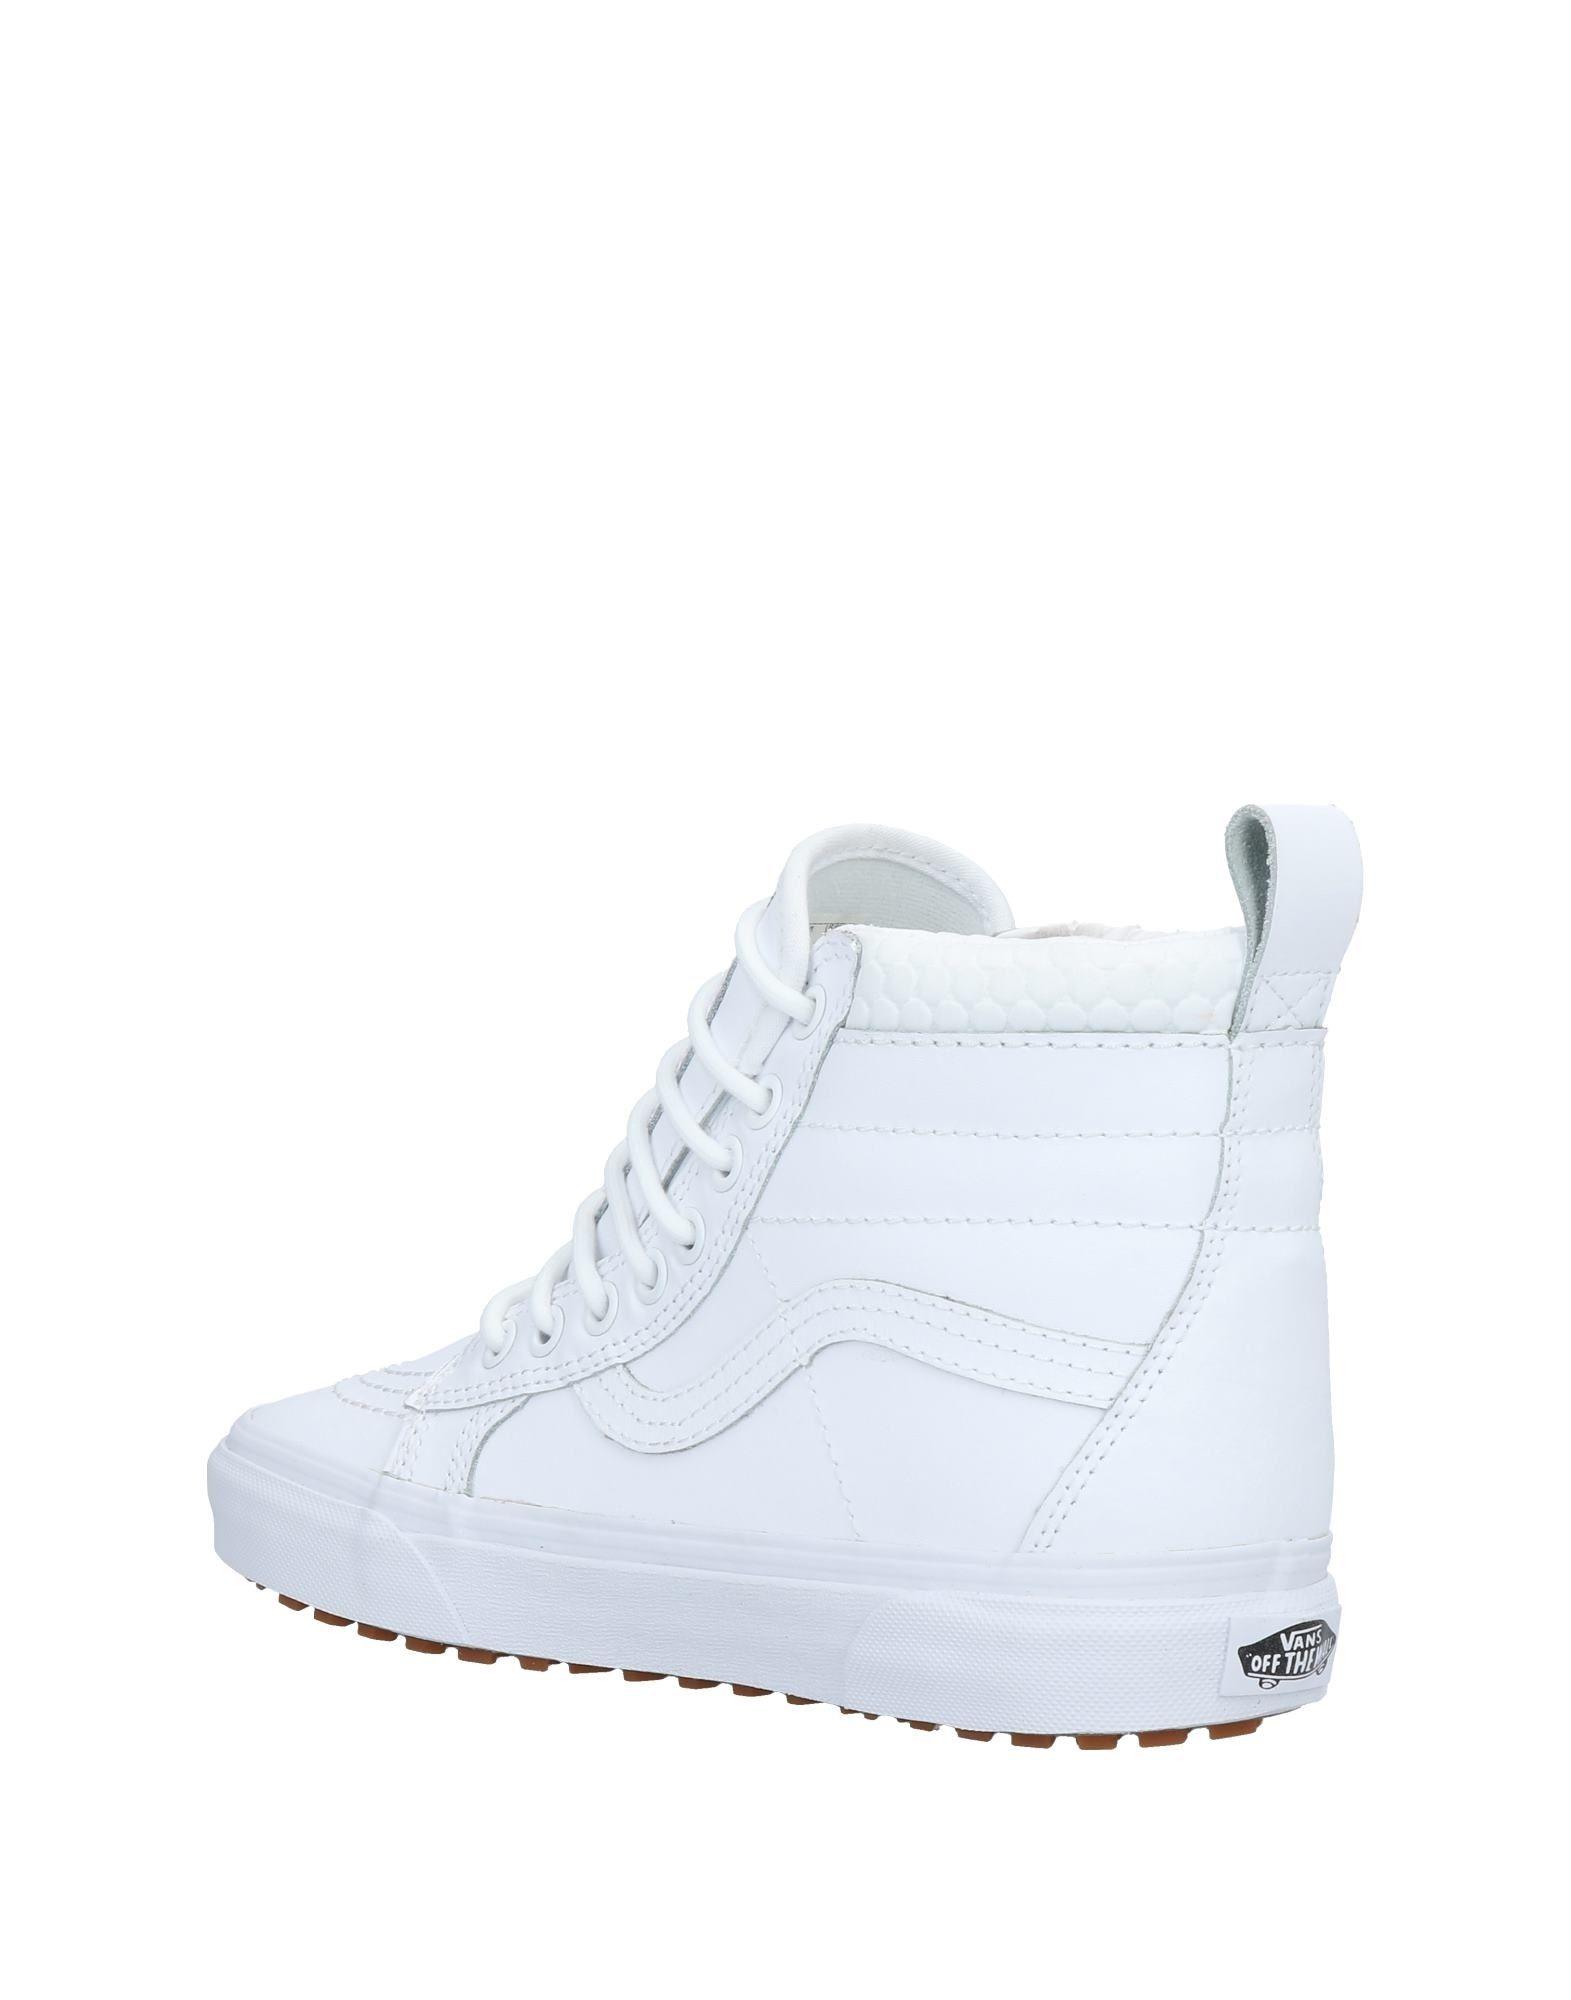 Billig-1973,Vans Sneakers lohnt Damen Gutes Preis-Leistungs-Verhältnis, es lohnt Sneakers sich 89bca8